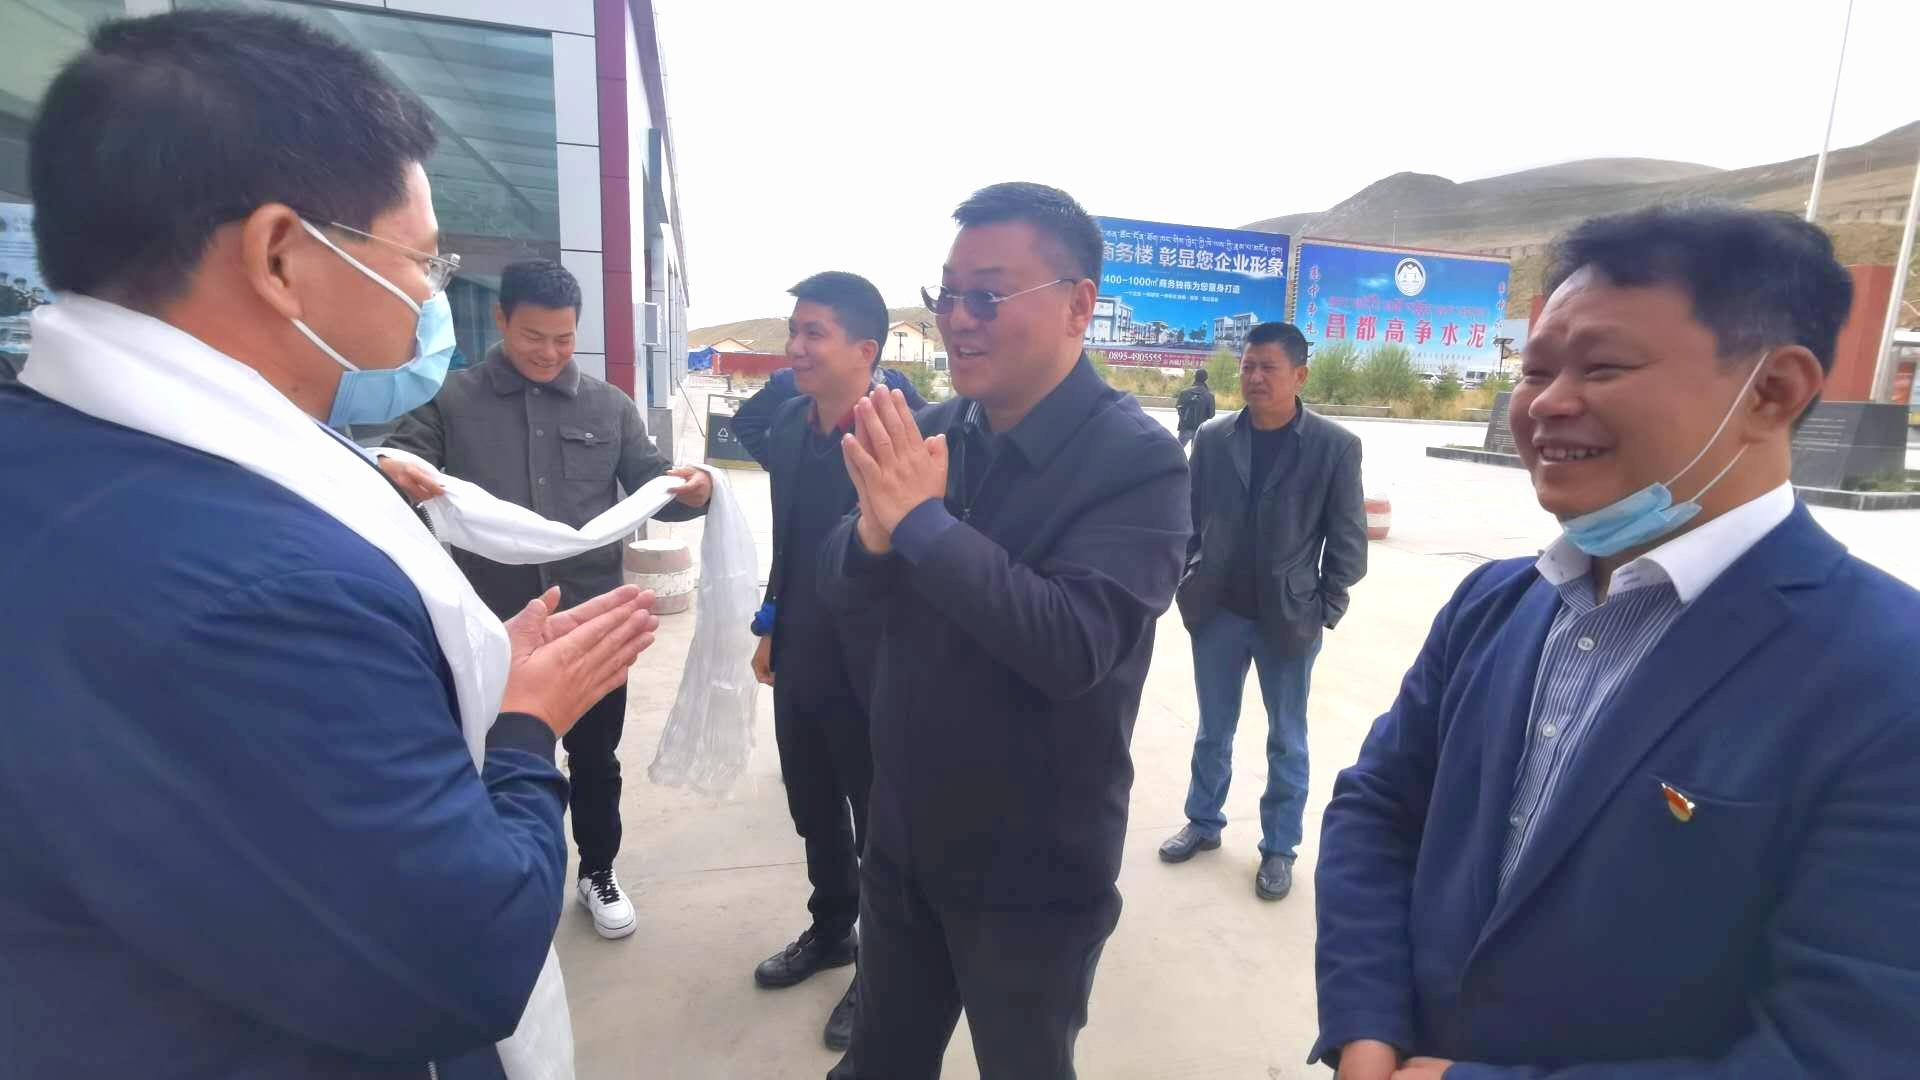 西藏昌都:杏林送暖,公益救治47名手足畸形患儿